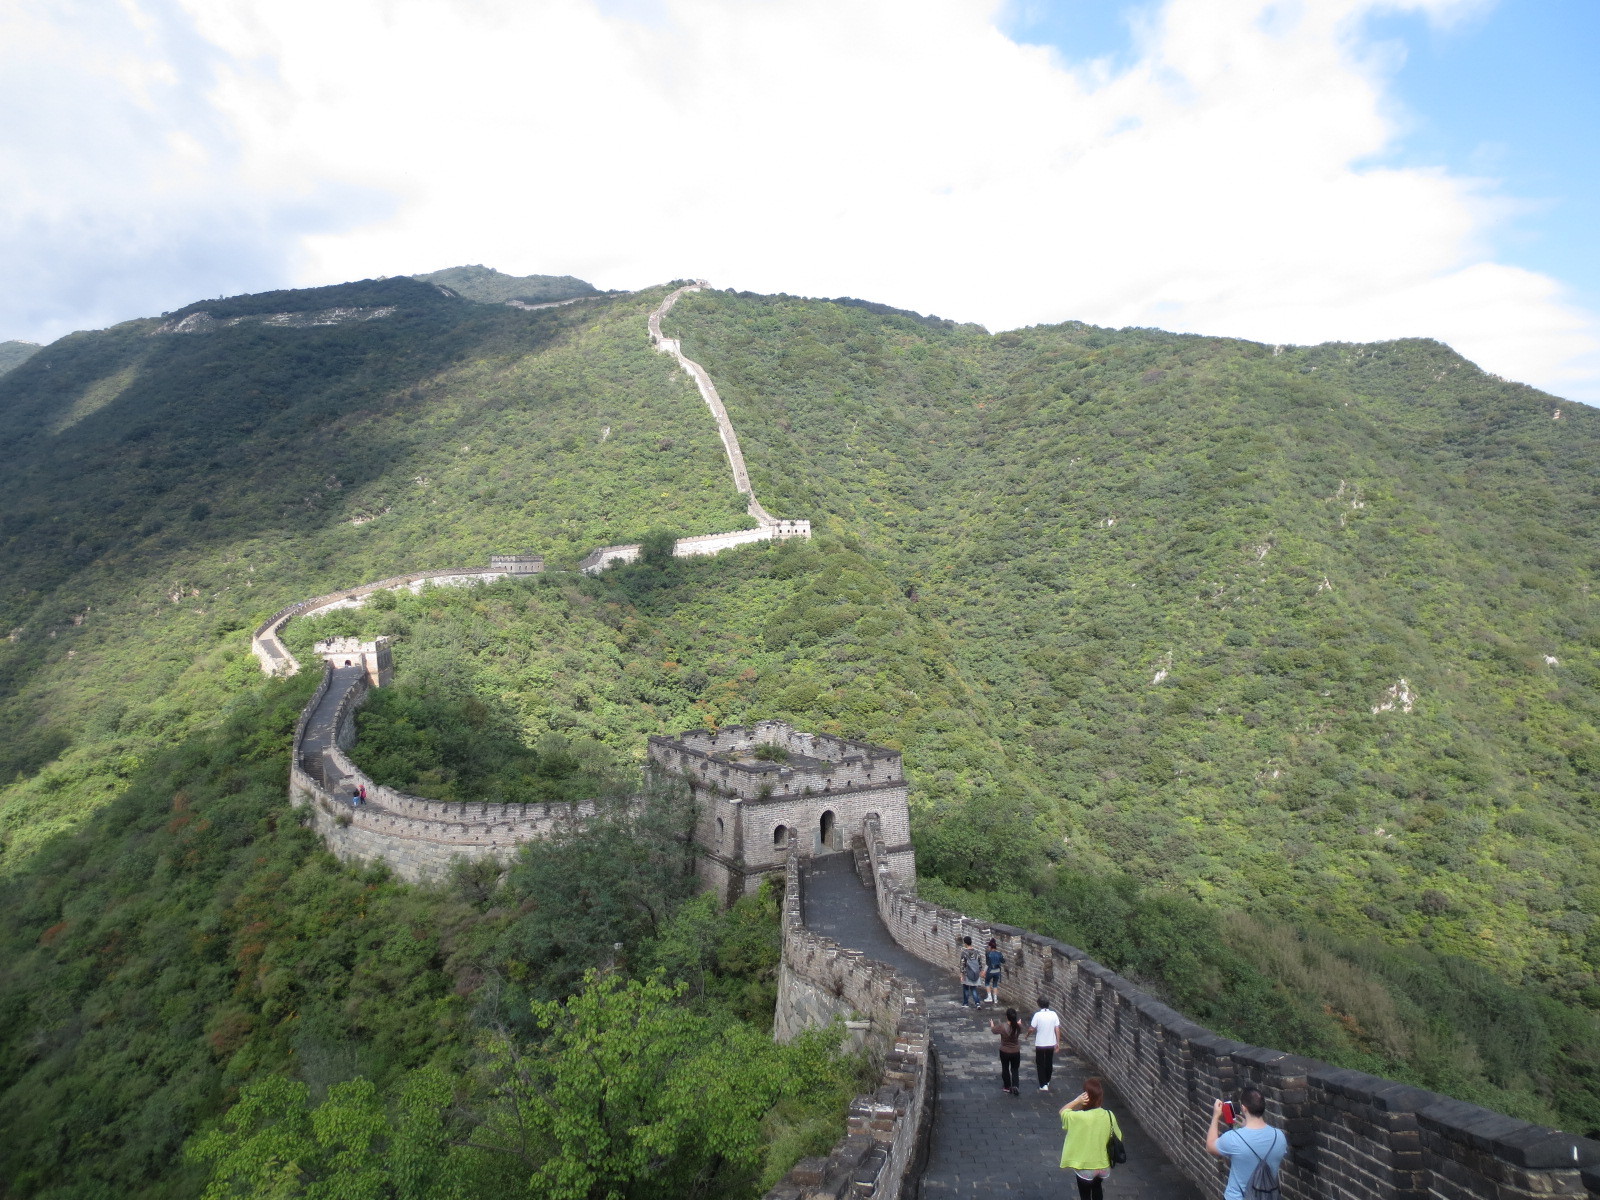 0de36f239 10 coisas que você precisa saber antes de ir para China - Bagagem de ...